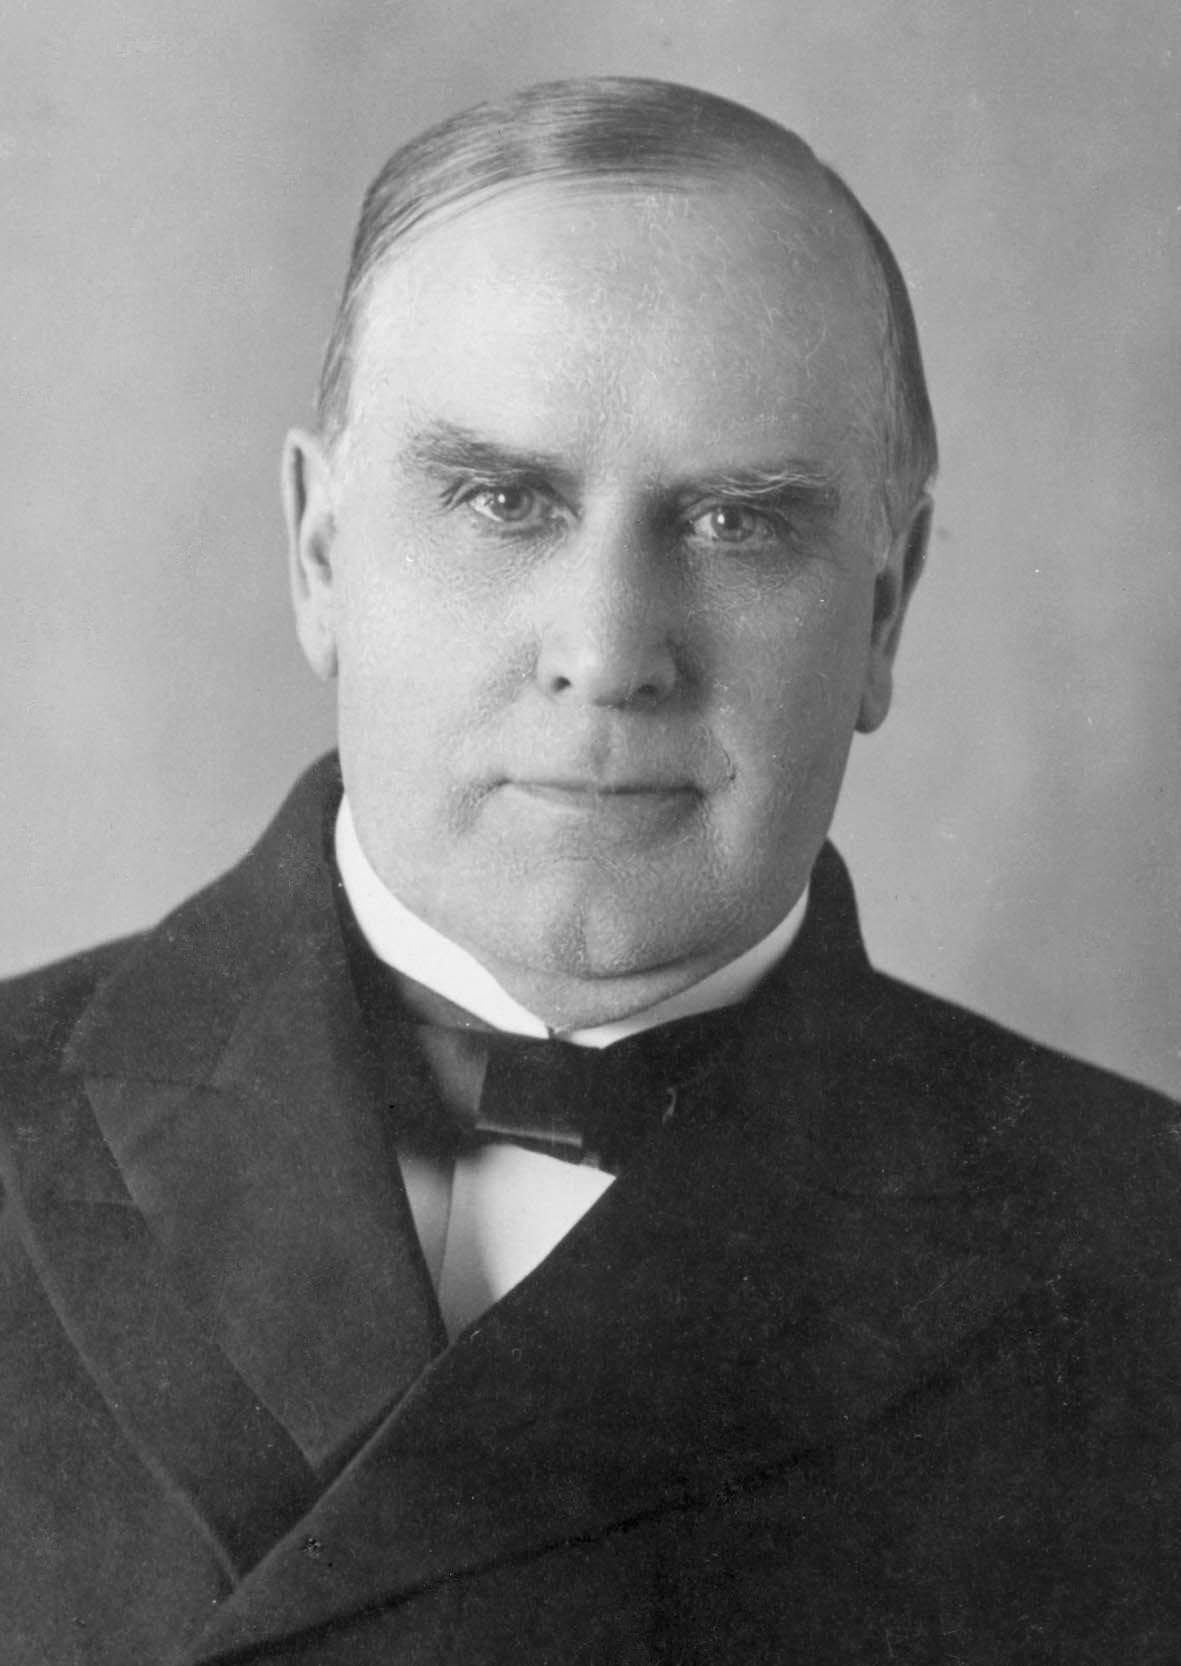 B.M. Clinedinst: President William McKinley